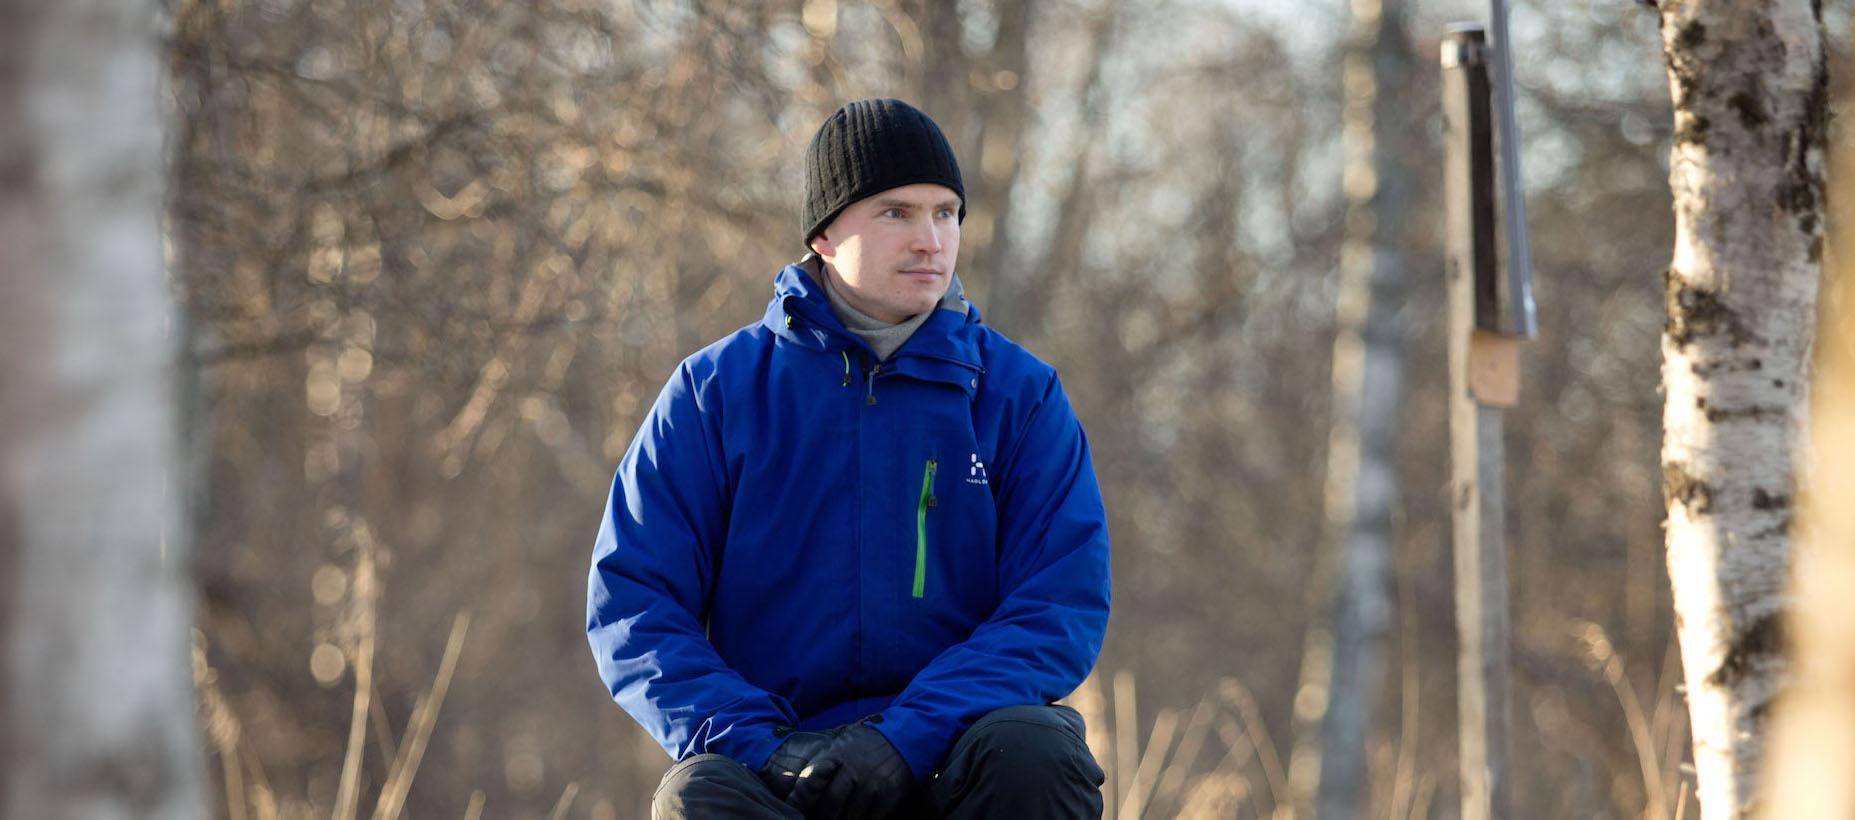 """Kansanedustaja Heikki Autto:""""Oletteko valmiita pelastamaan matkailun työpaikkoja?"""""""